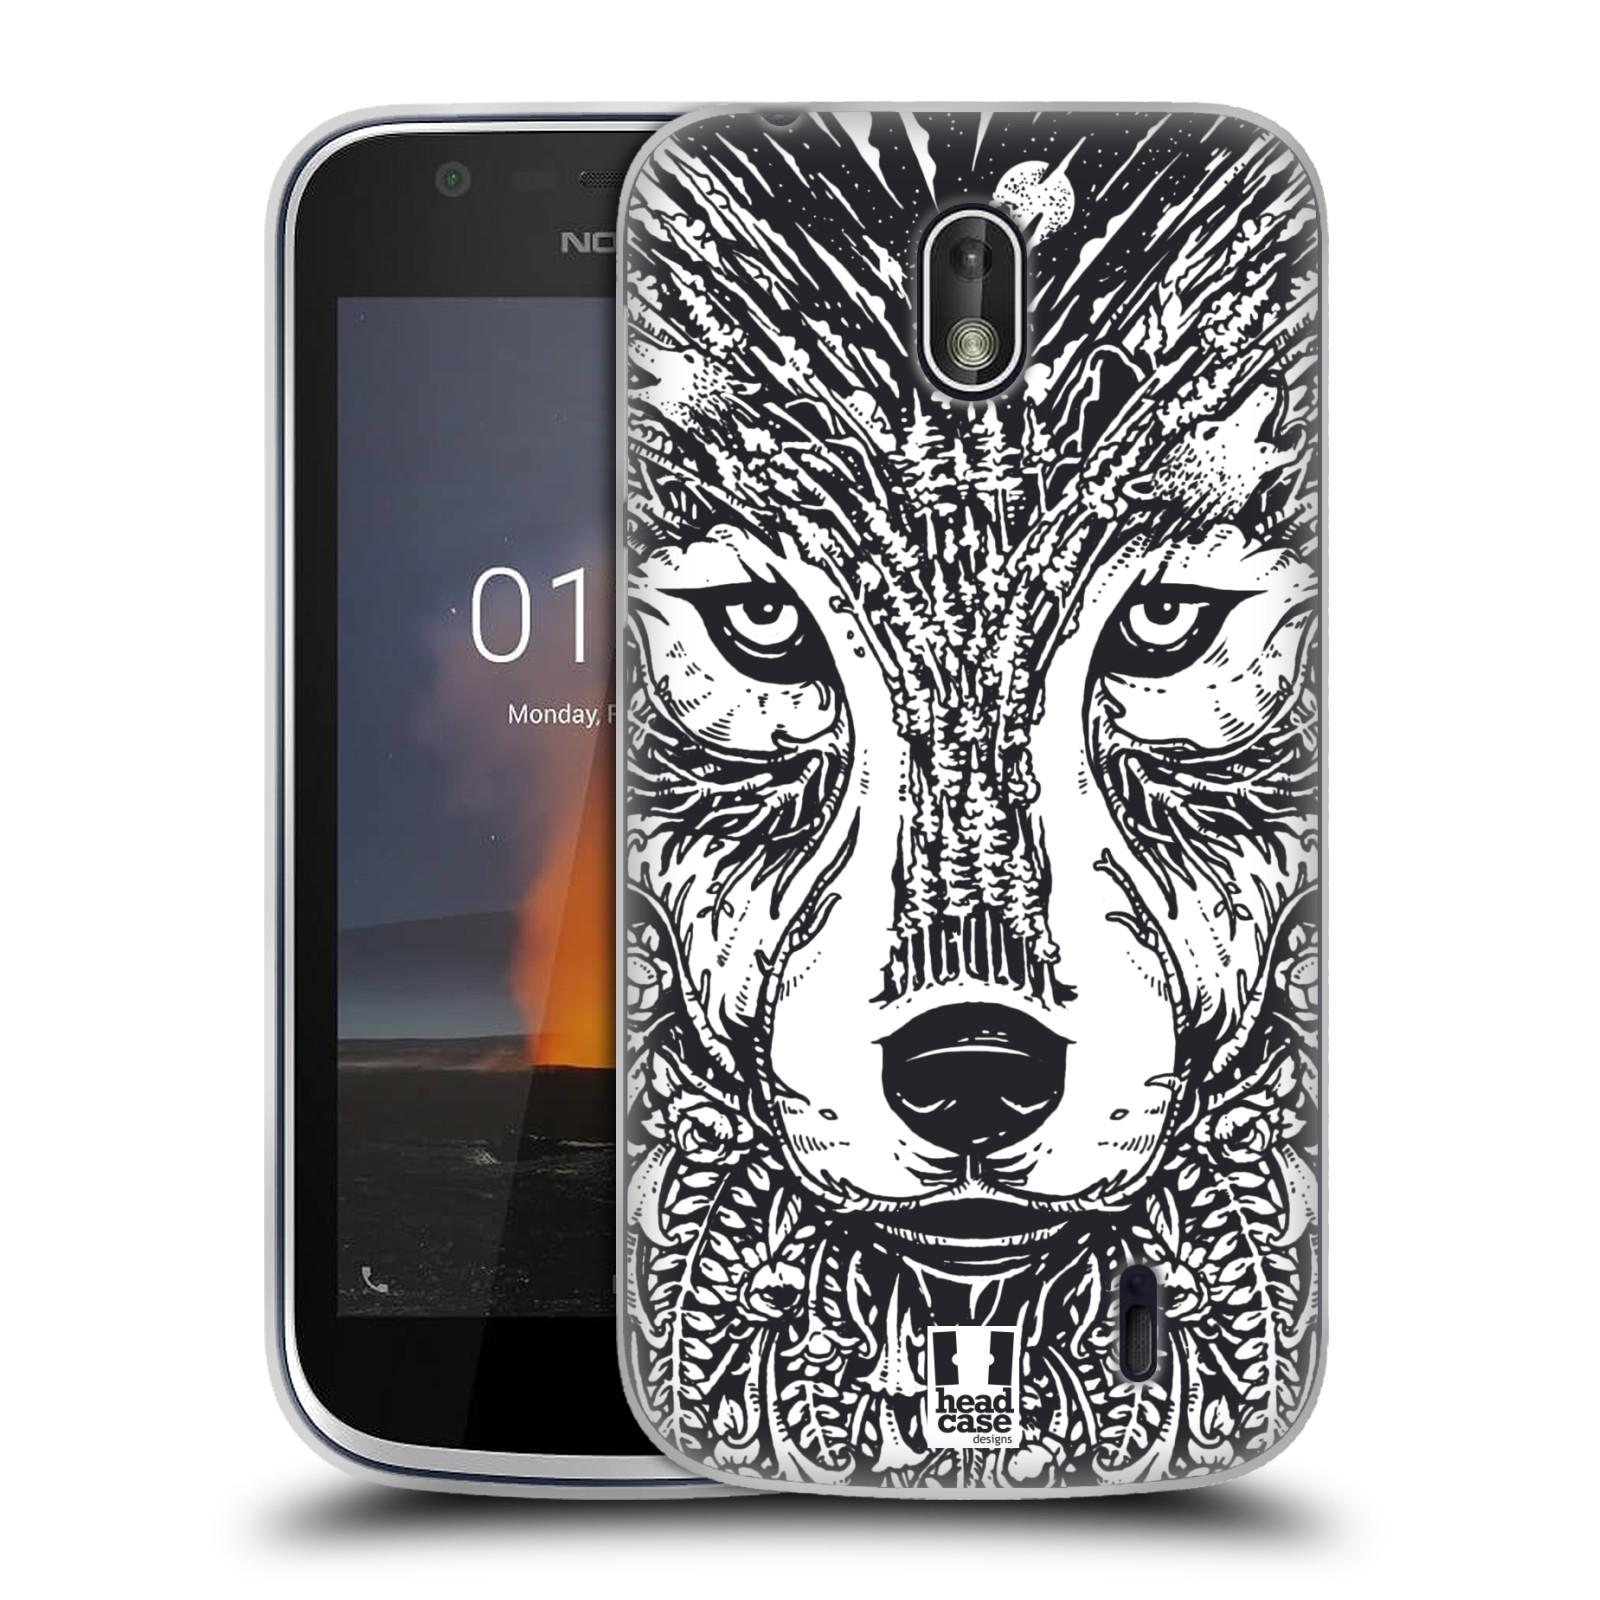 Silikonové pouzdro na mobil Nokia 1 - Head Case - DOODLE TVÁŘ VLK (Silikonový kryt či obal na mobilní telefon Nokia 1 Dual SIM s motivem DOODLE TVÁŘ VLK)